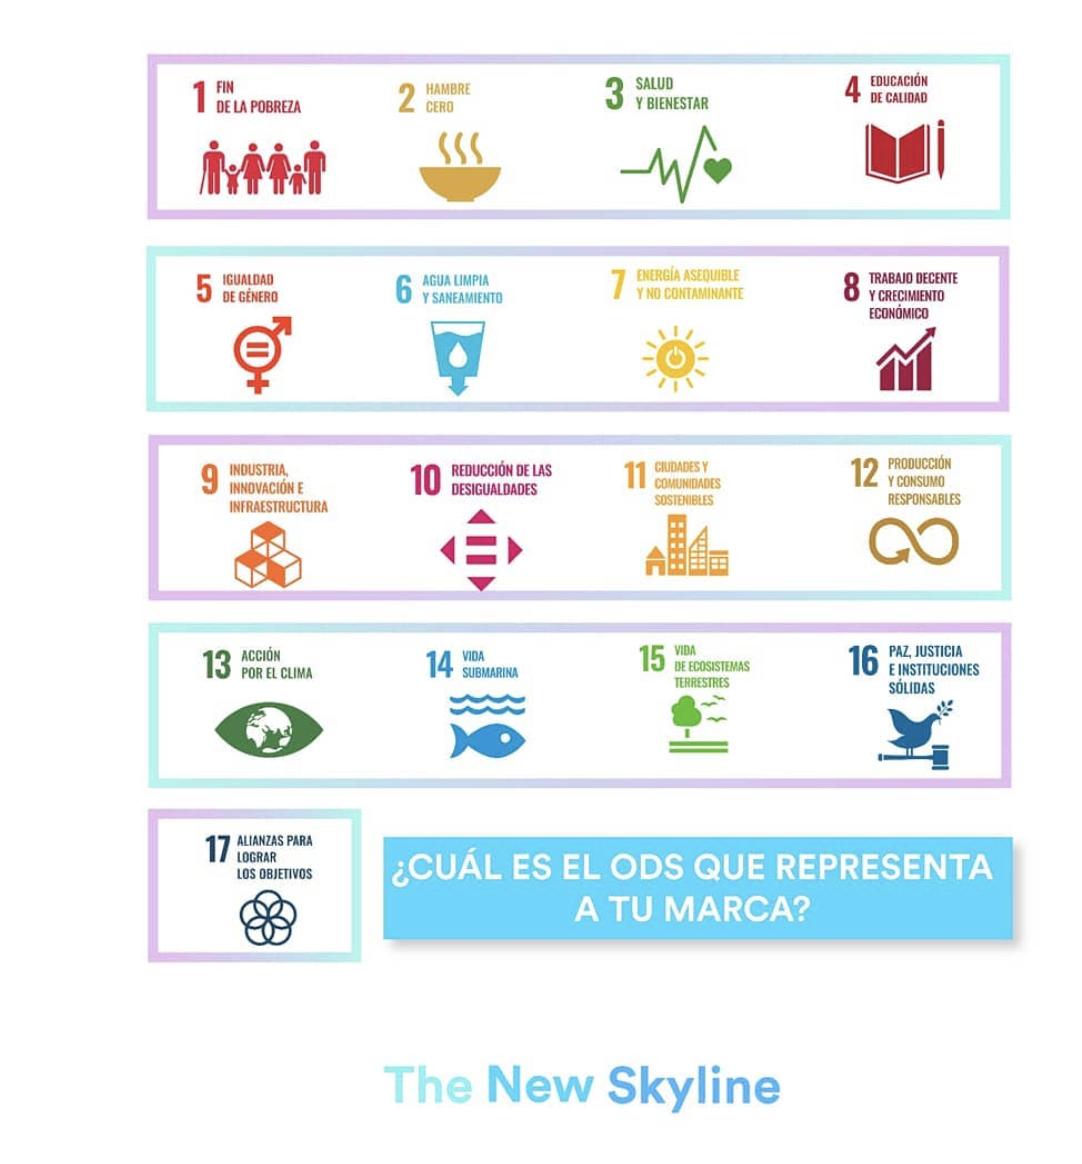 ¿Cúal es el ODS que representa a tu marca?